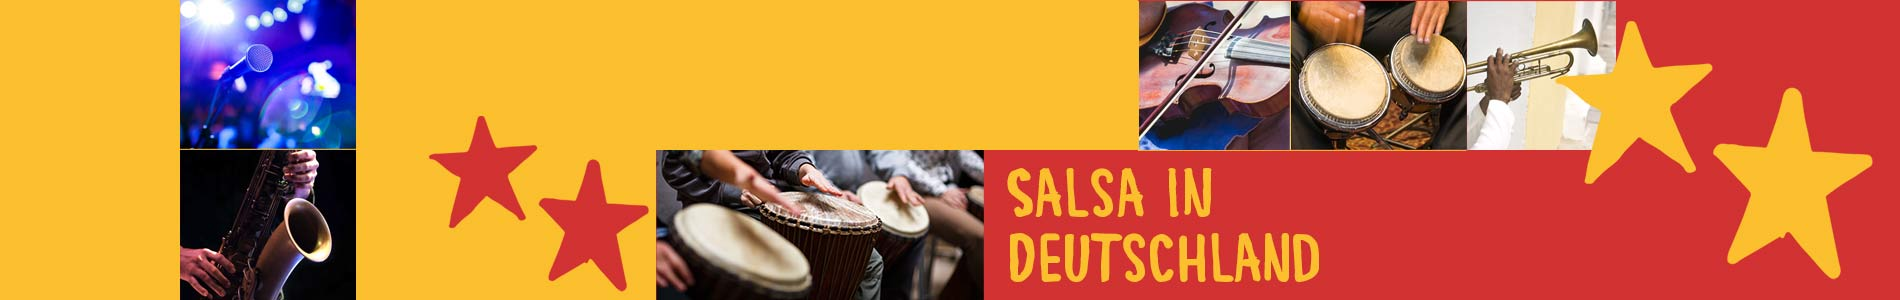 Salsa in Brieskow-Finkenheerd – Salsa lernen und tanzen, Tanzkurse, Partys, Veranstaltungen